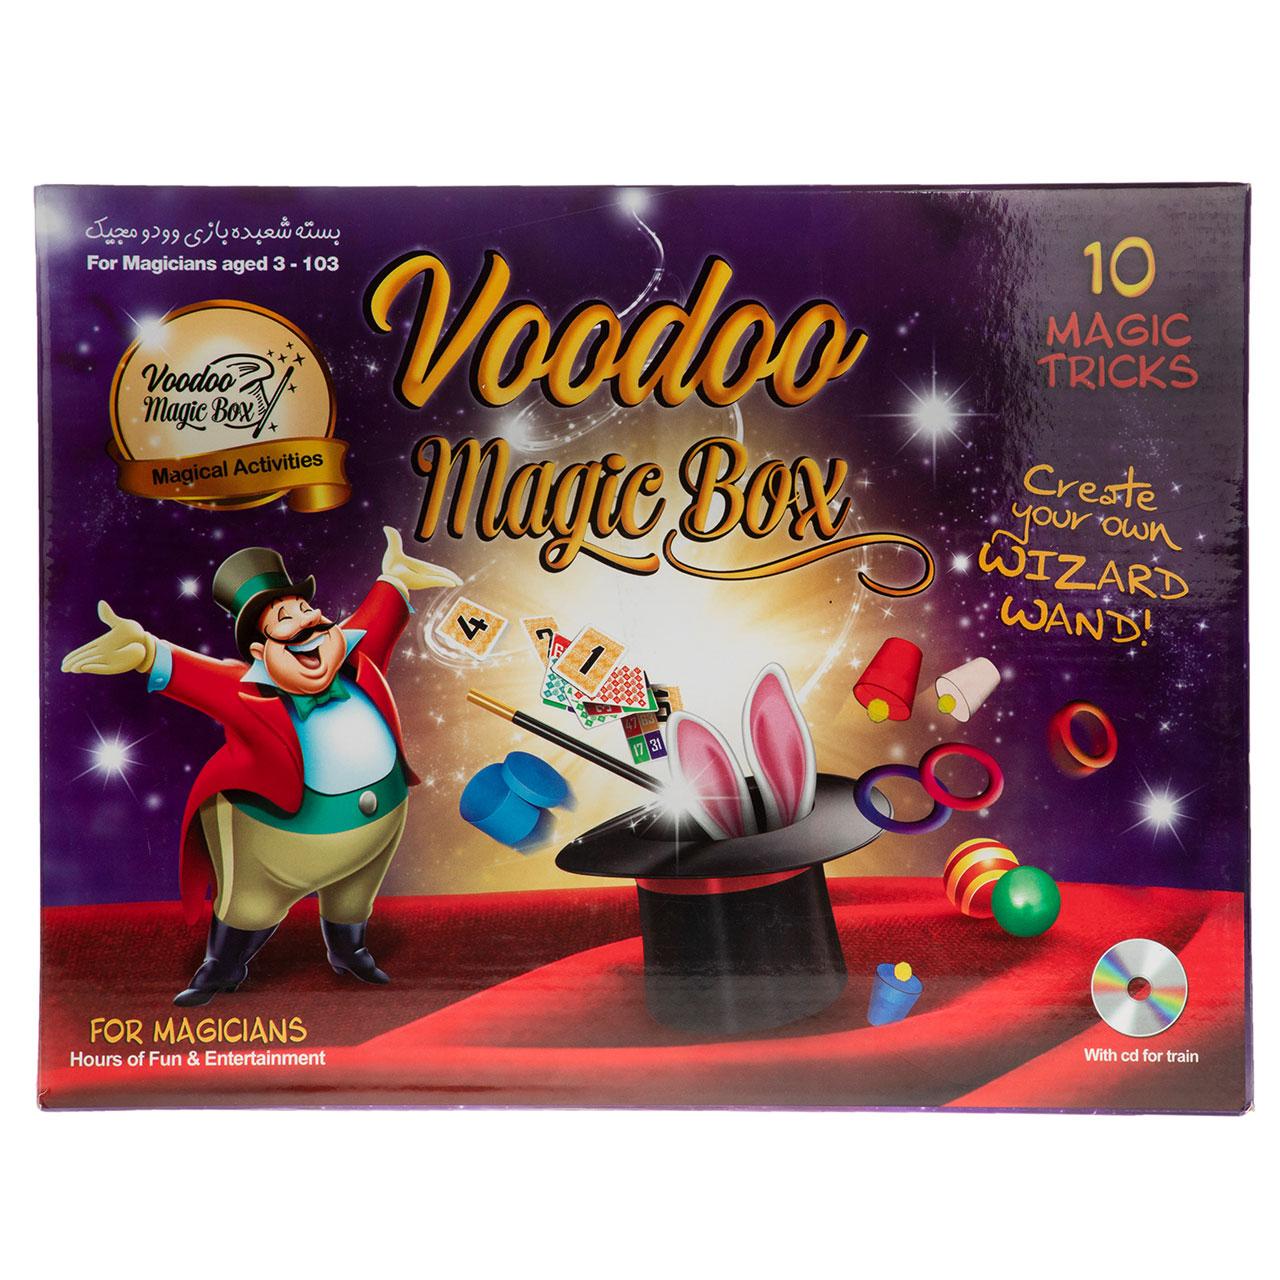 خرید                     ابزار شعبده بازی وودو مجیک مدل 001